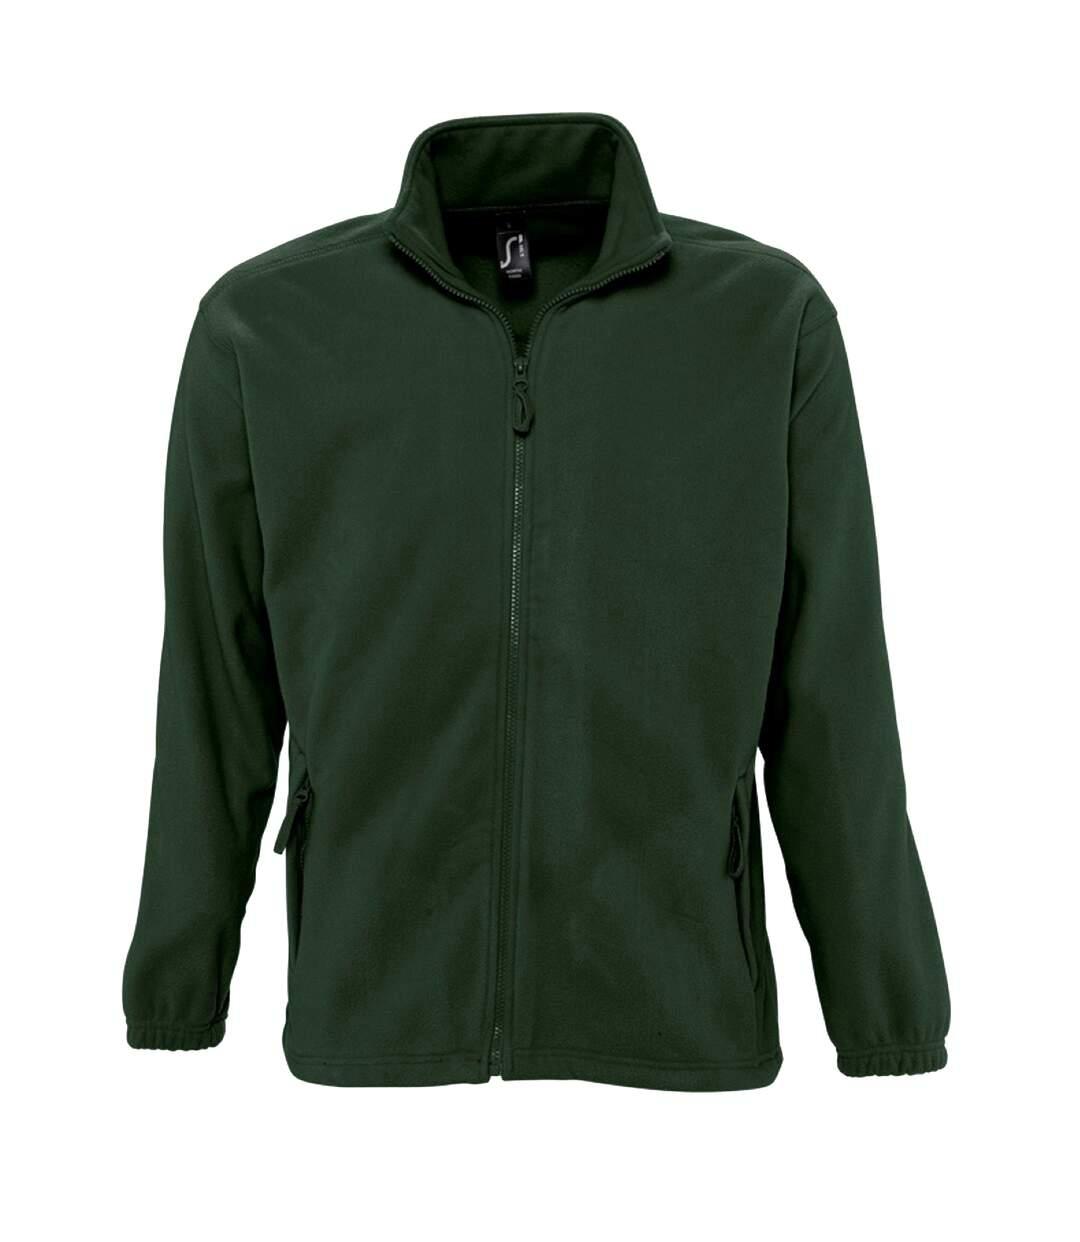 SOLS Mens North Full Zip Outdoor Fleece Jacket (Forest Green) - UTPC343